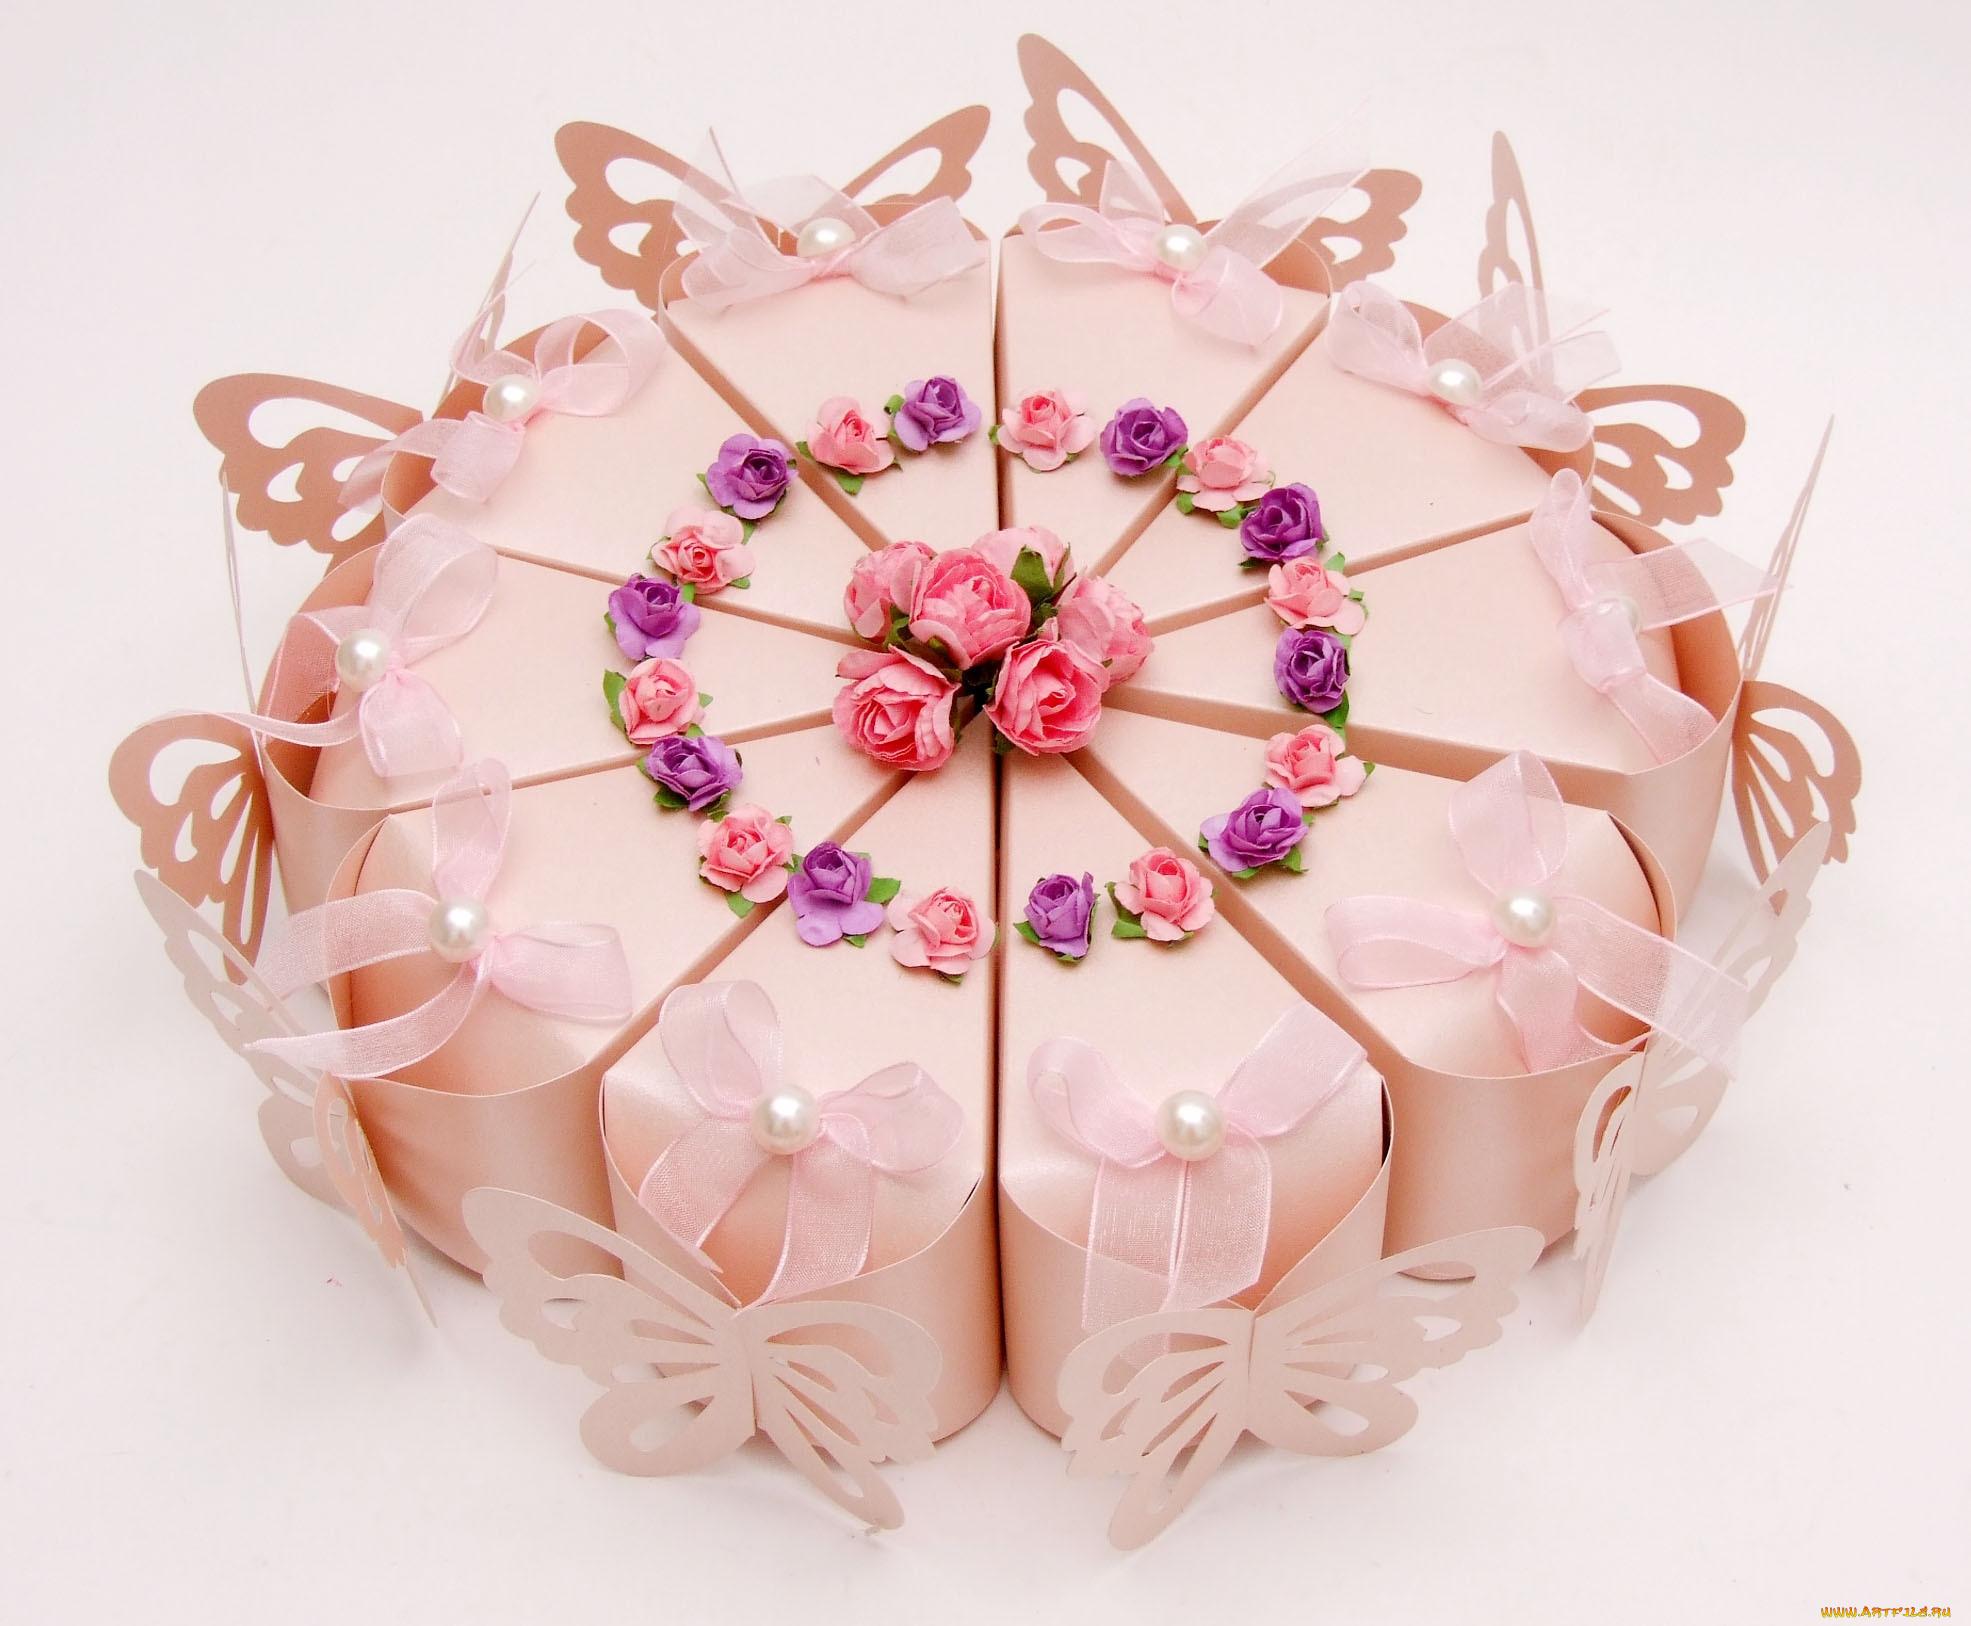 Инструкция по созданию оригинальной упаковке в виде торта